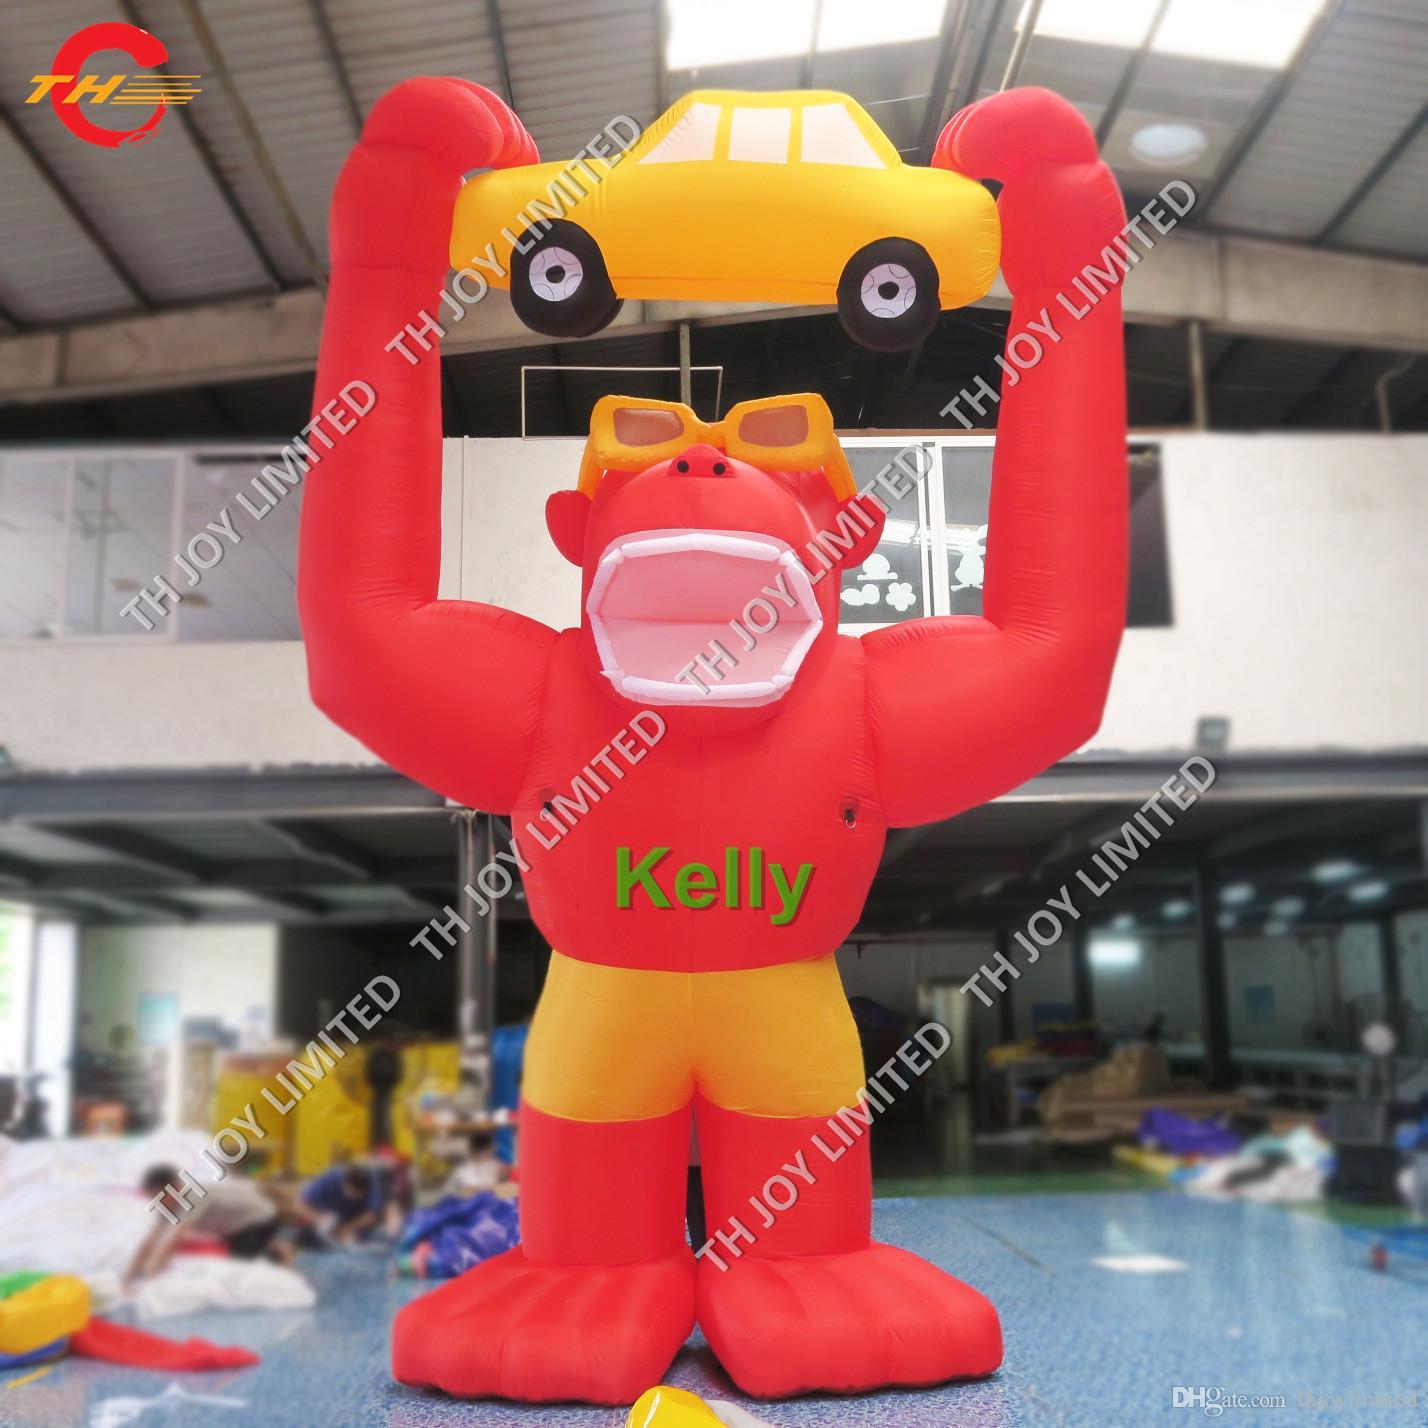 Ucuz açık reklam için şişme goril karikatür standı sıcak satış promosyon faaliyetleri ekran şişme karikatür balonlar